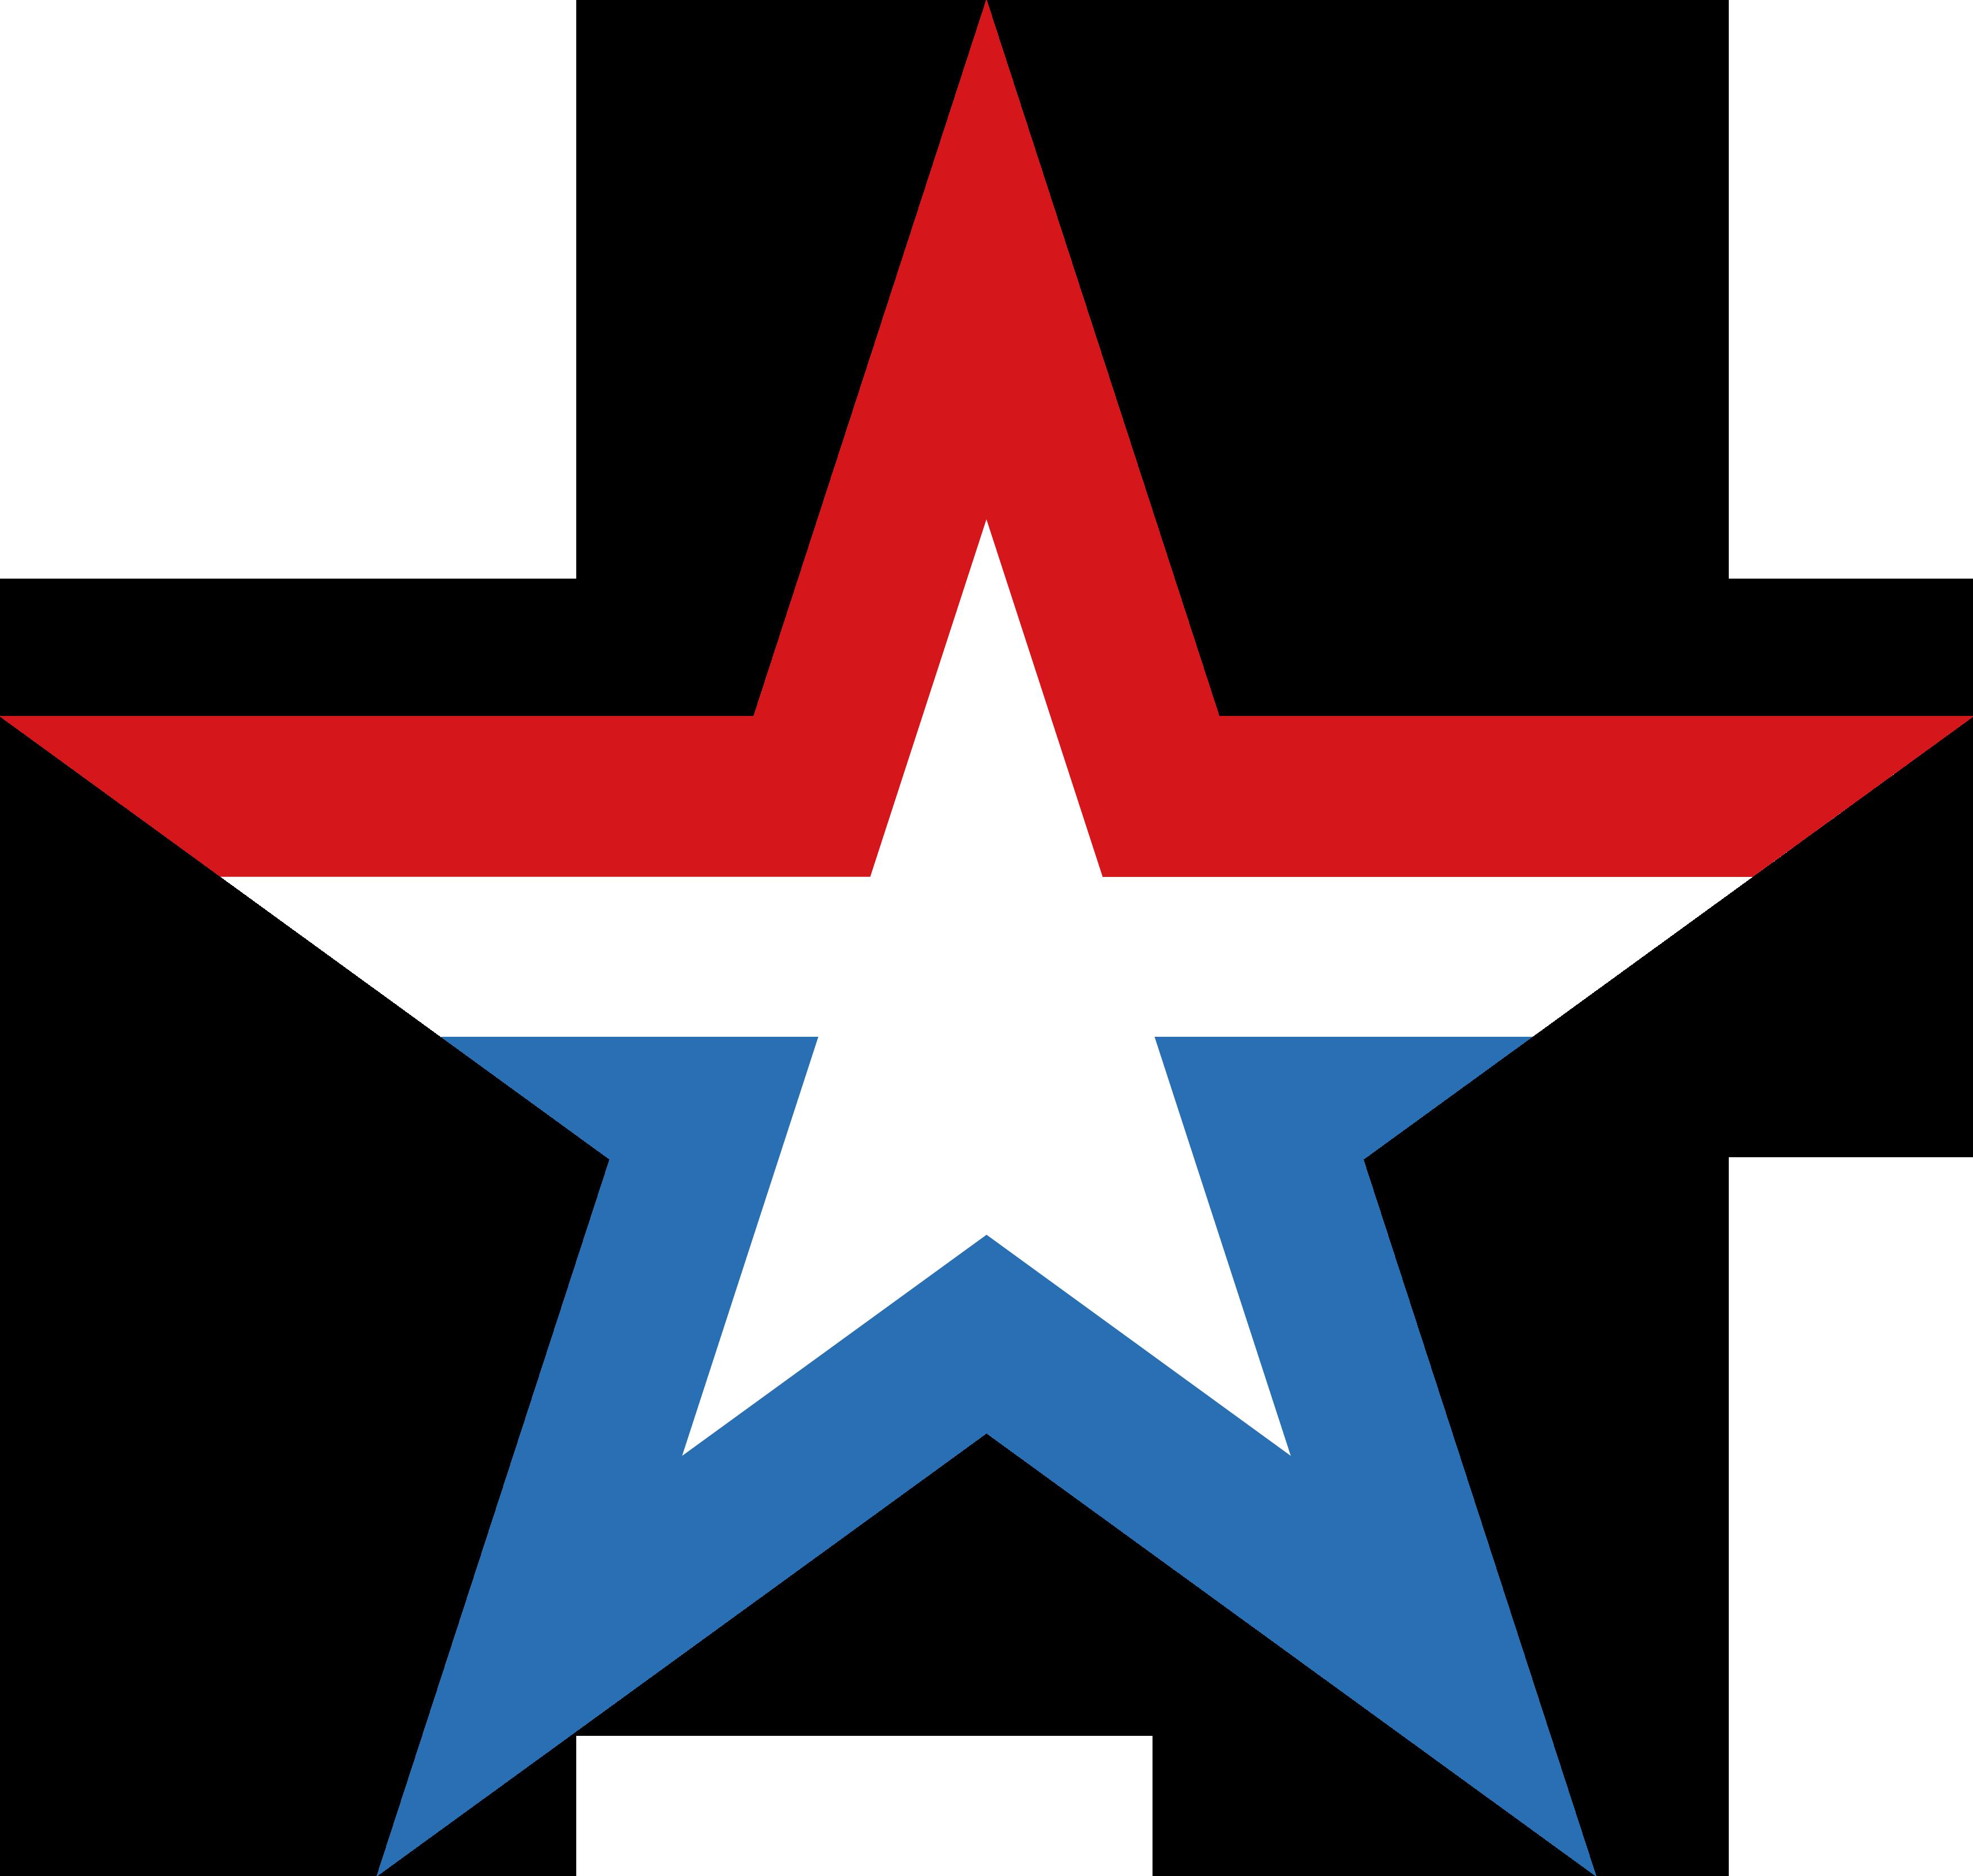 Логотип «Вооруженные силы (армия) России»